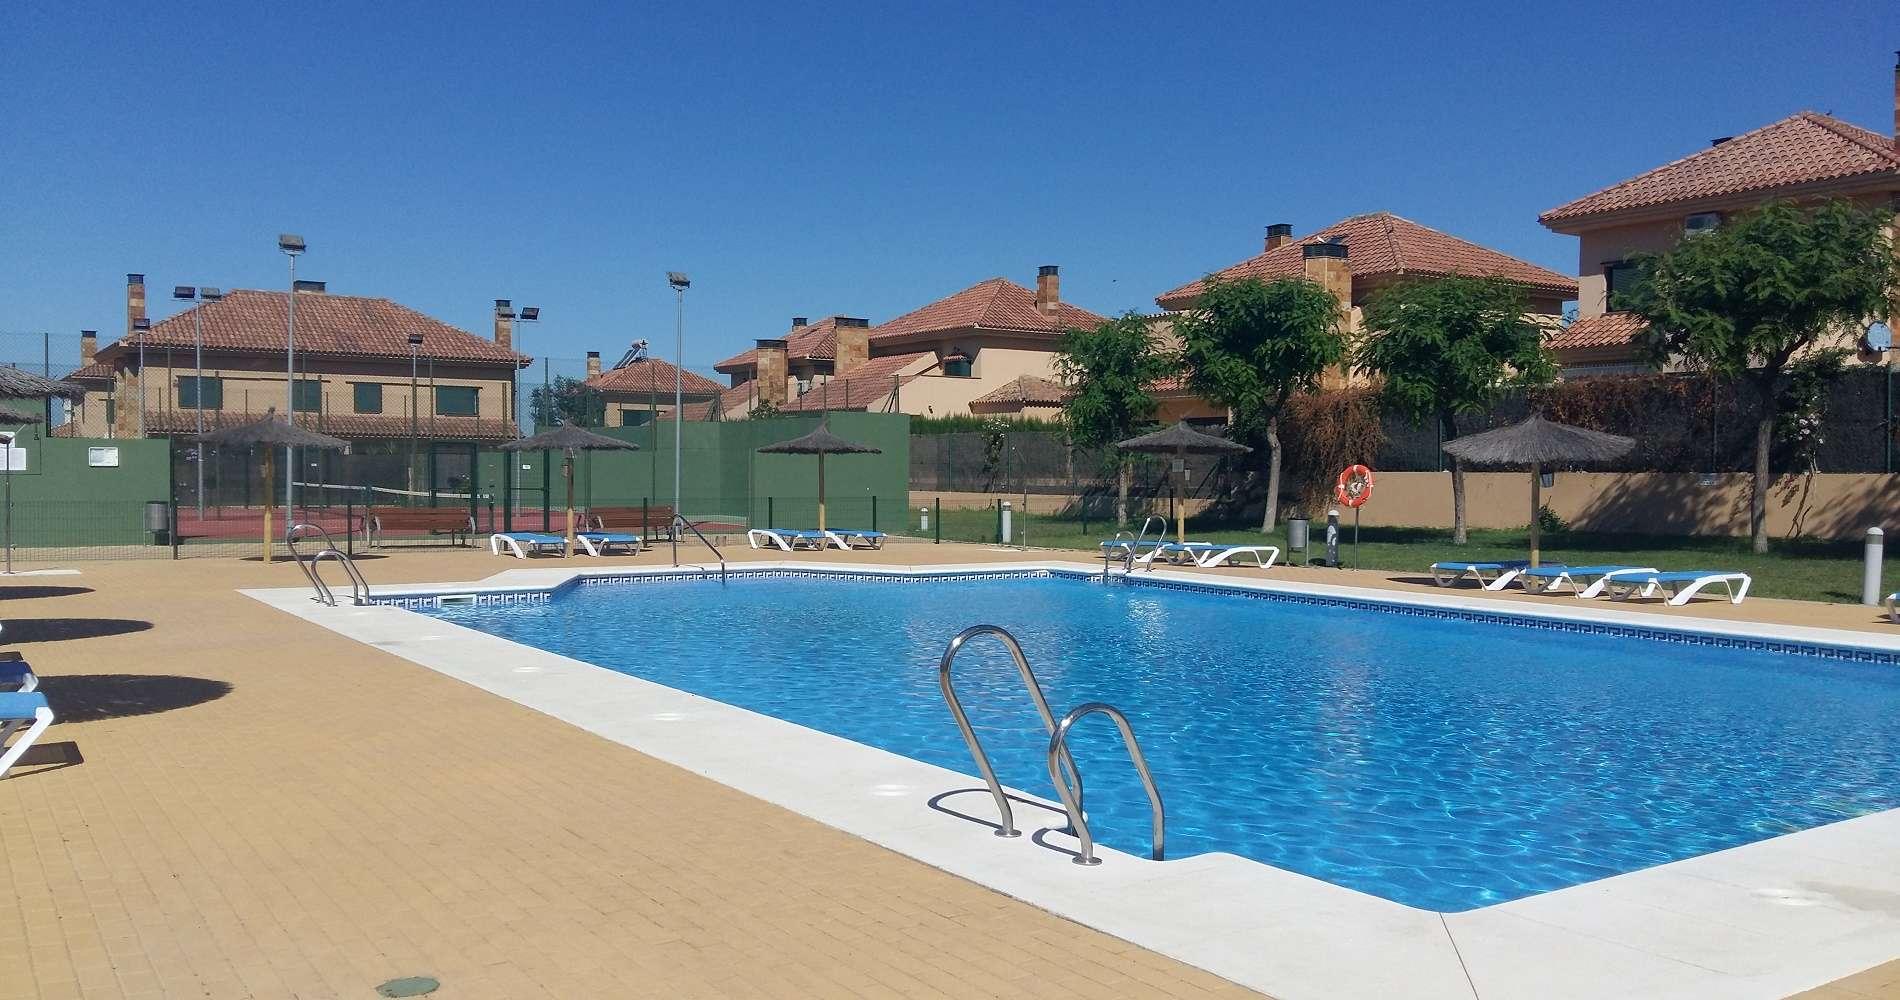 Venta y alquiler de pisos y casas inmobiliaria pryconsa for Alquiler vacacional sevilla piscina